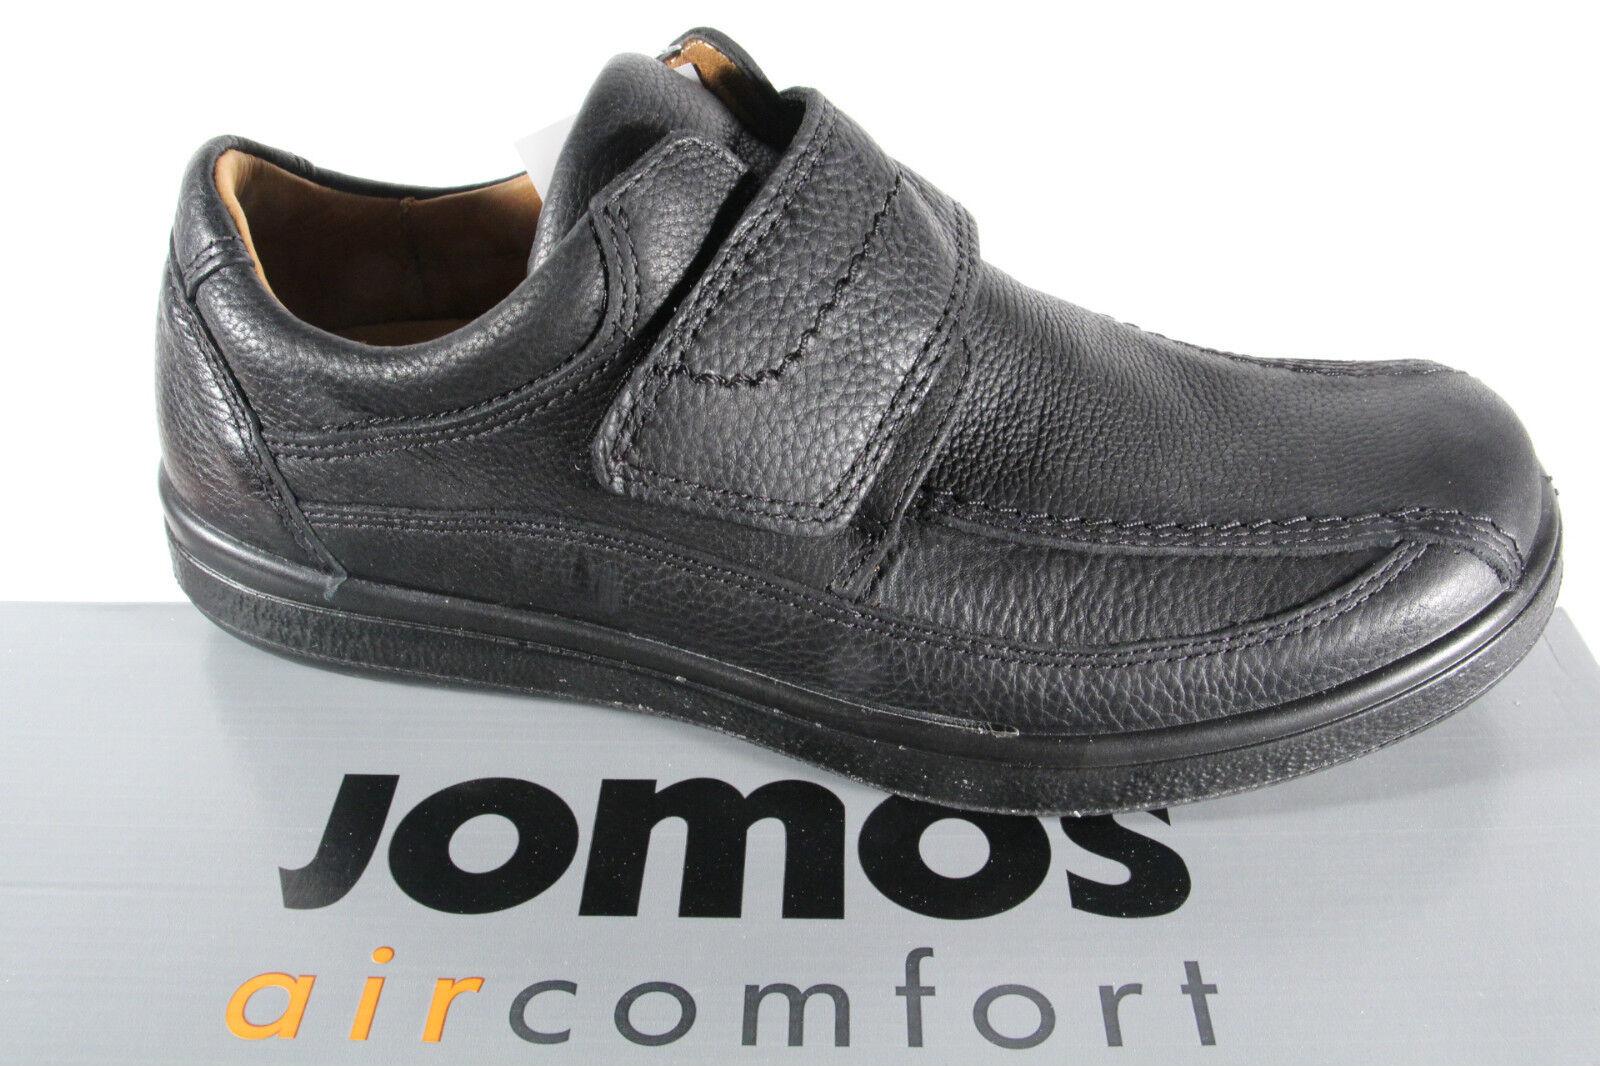 Jomos Herren Slipper Halbschuhe Sneakers Sportschuhe schwarz Leder NEU